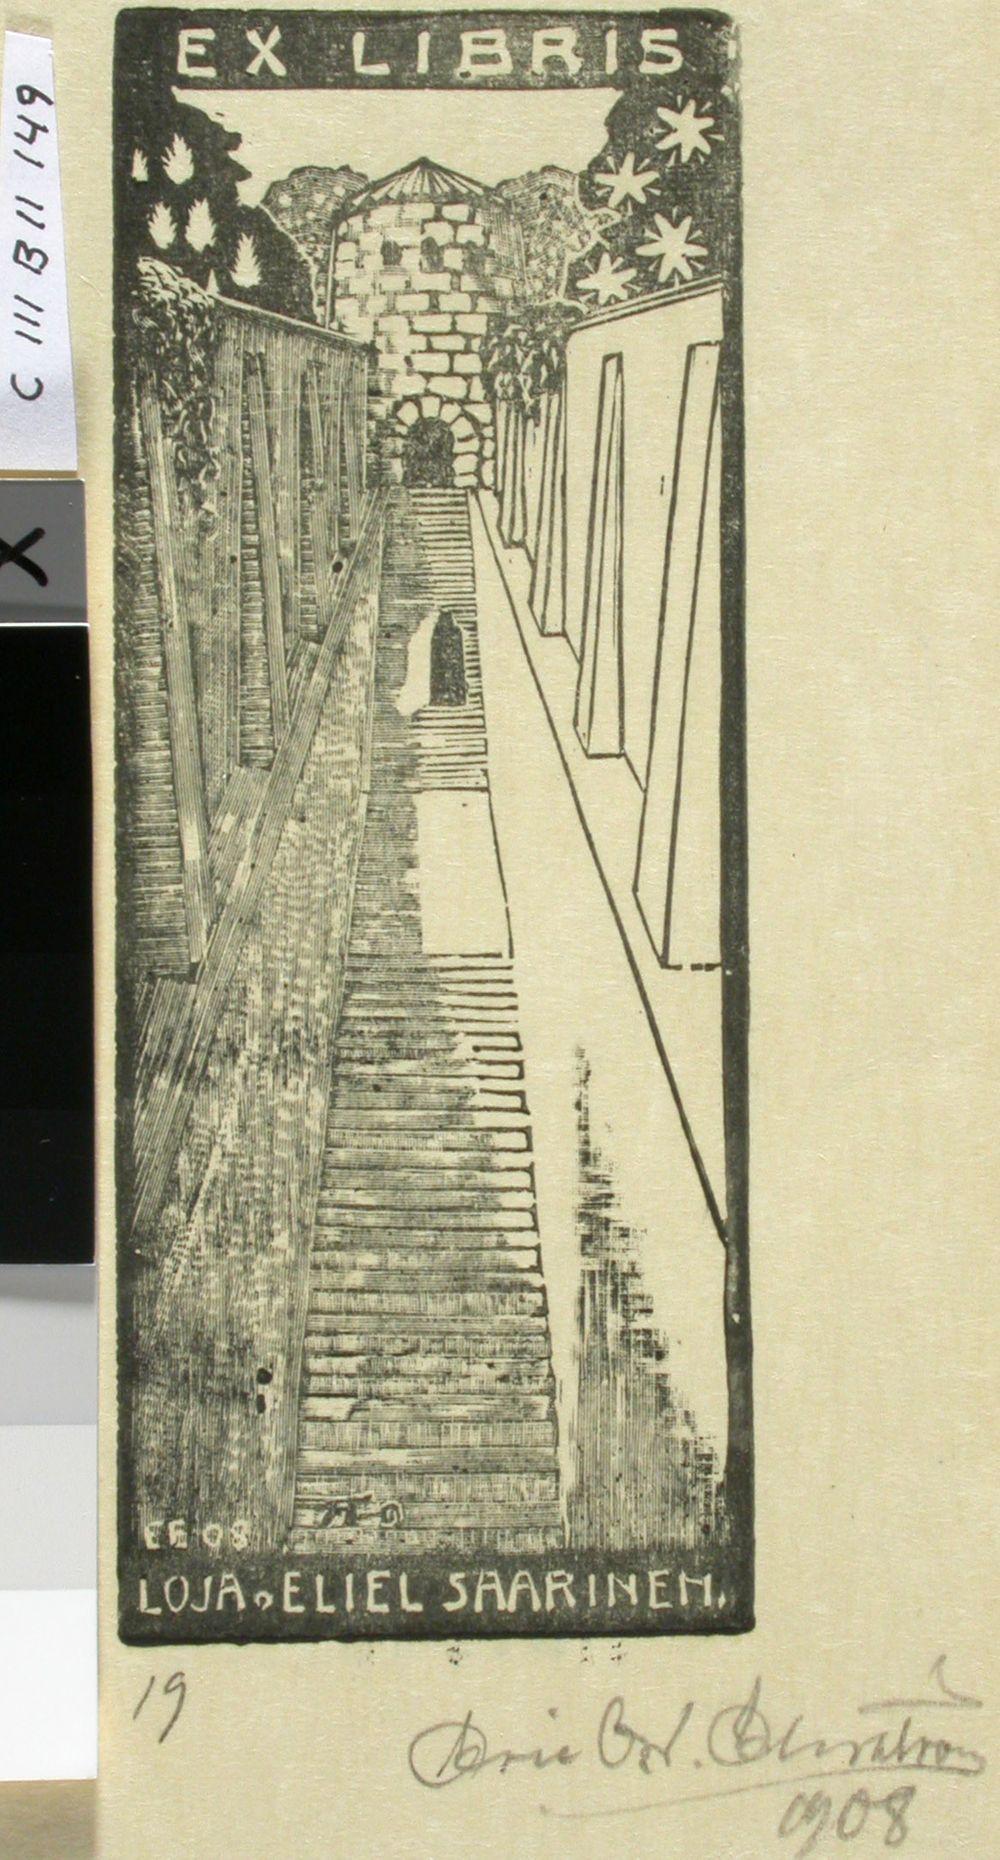 Loja ja Eliel Saarisen exlibris